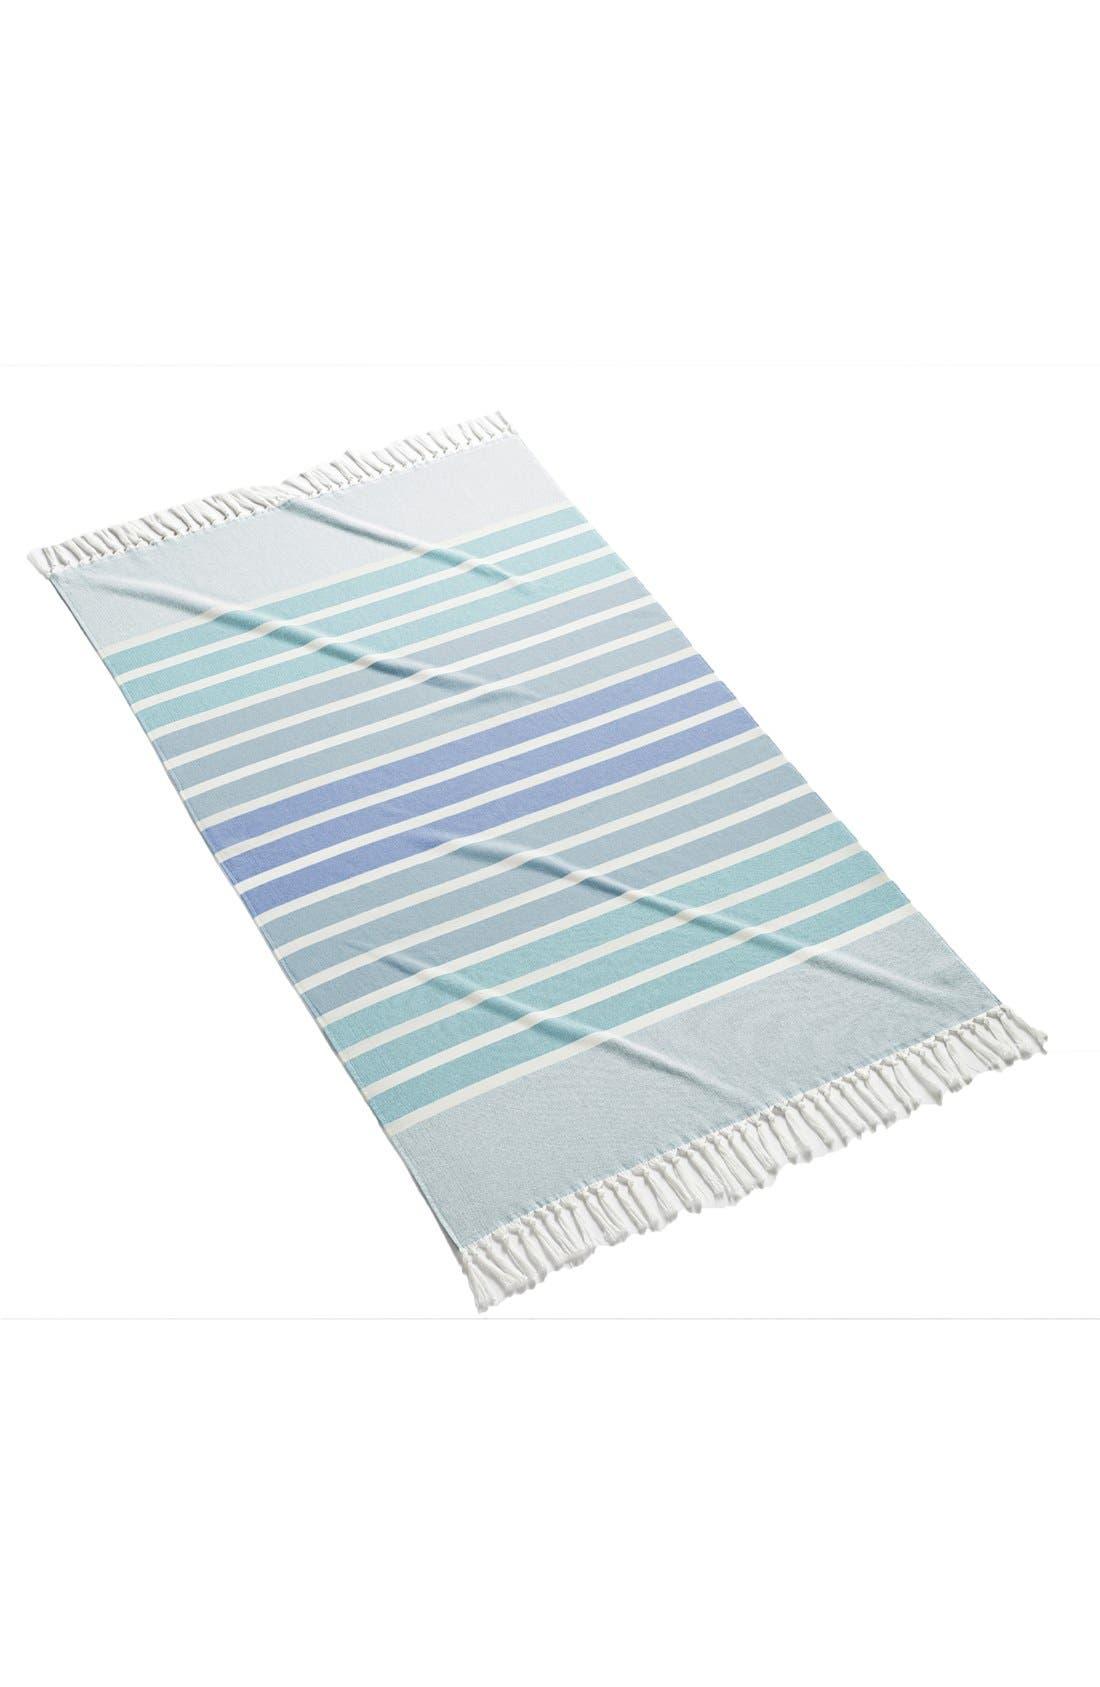 KASSATEX 'Bodrum' Cotton Beach Towel